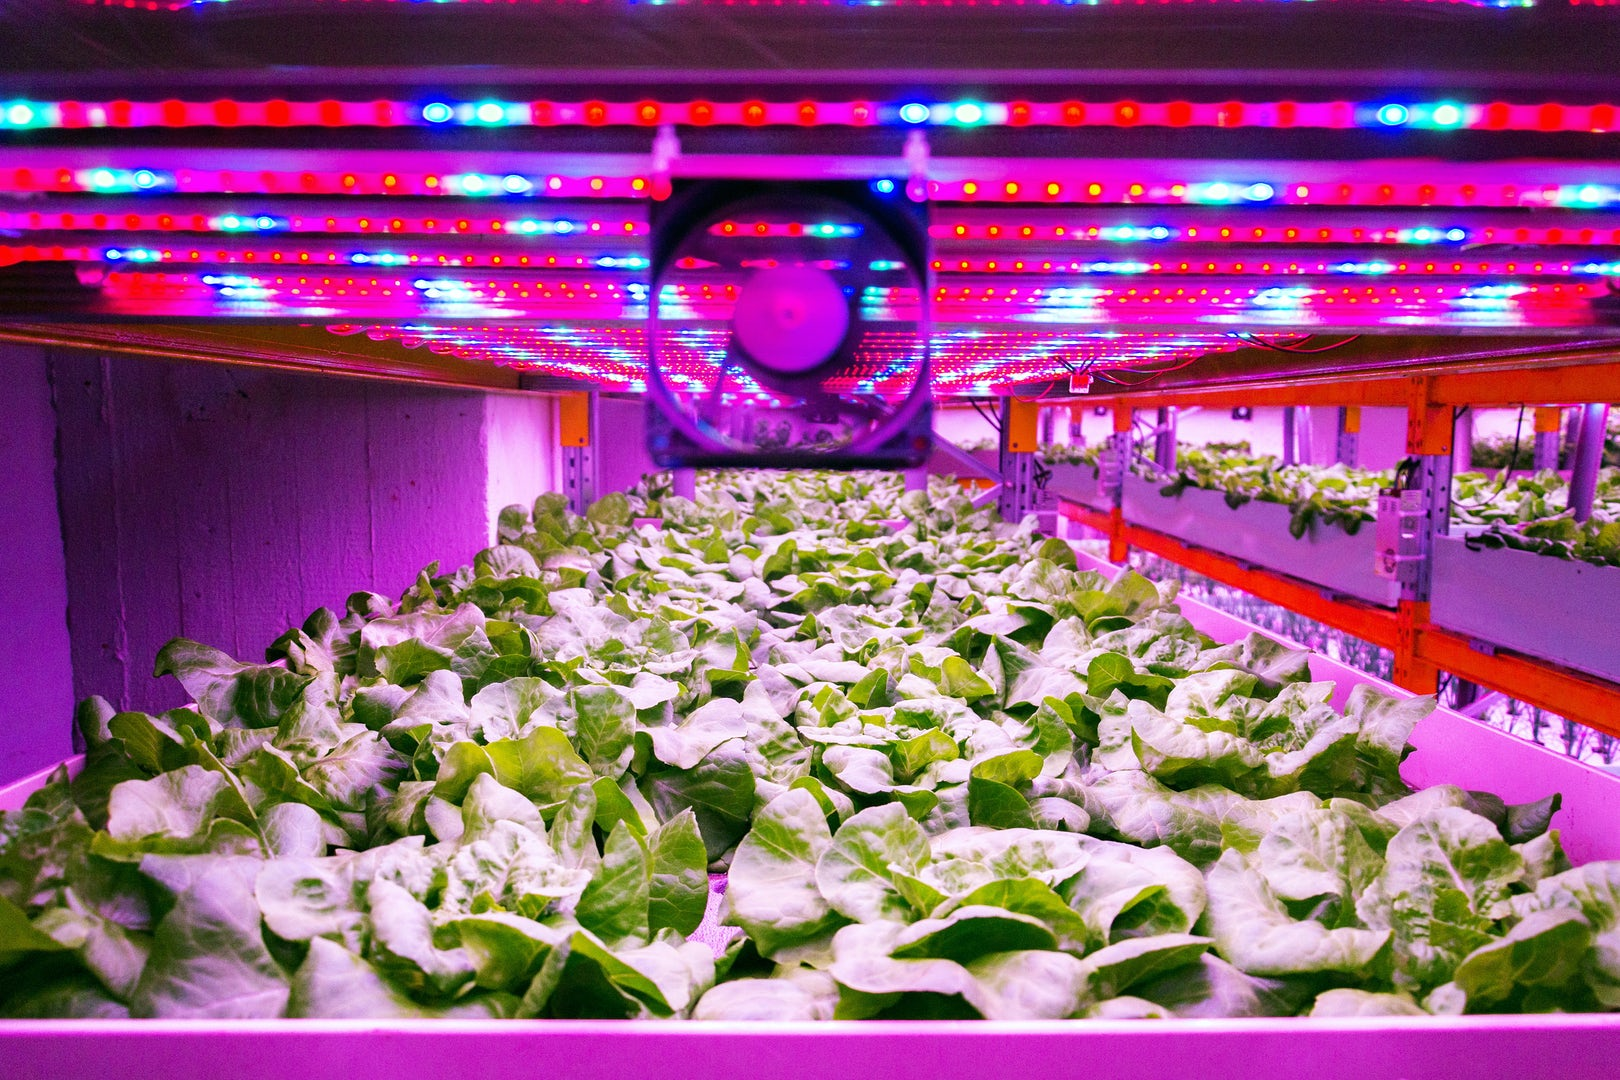 Vertical farming light fan